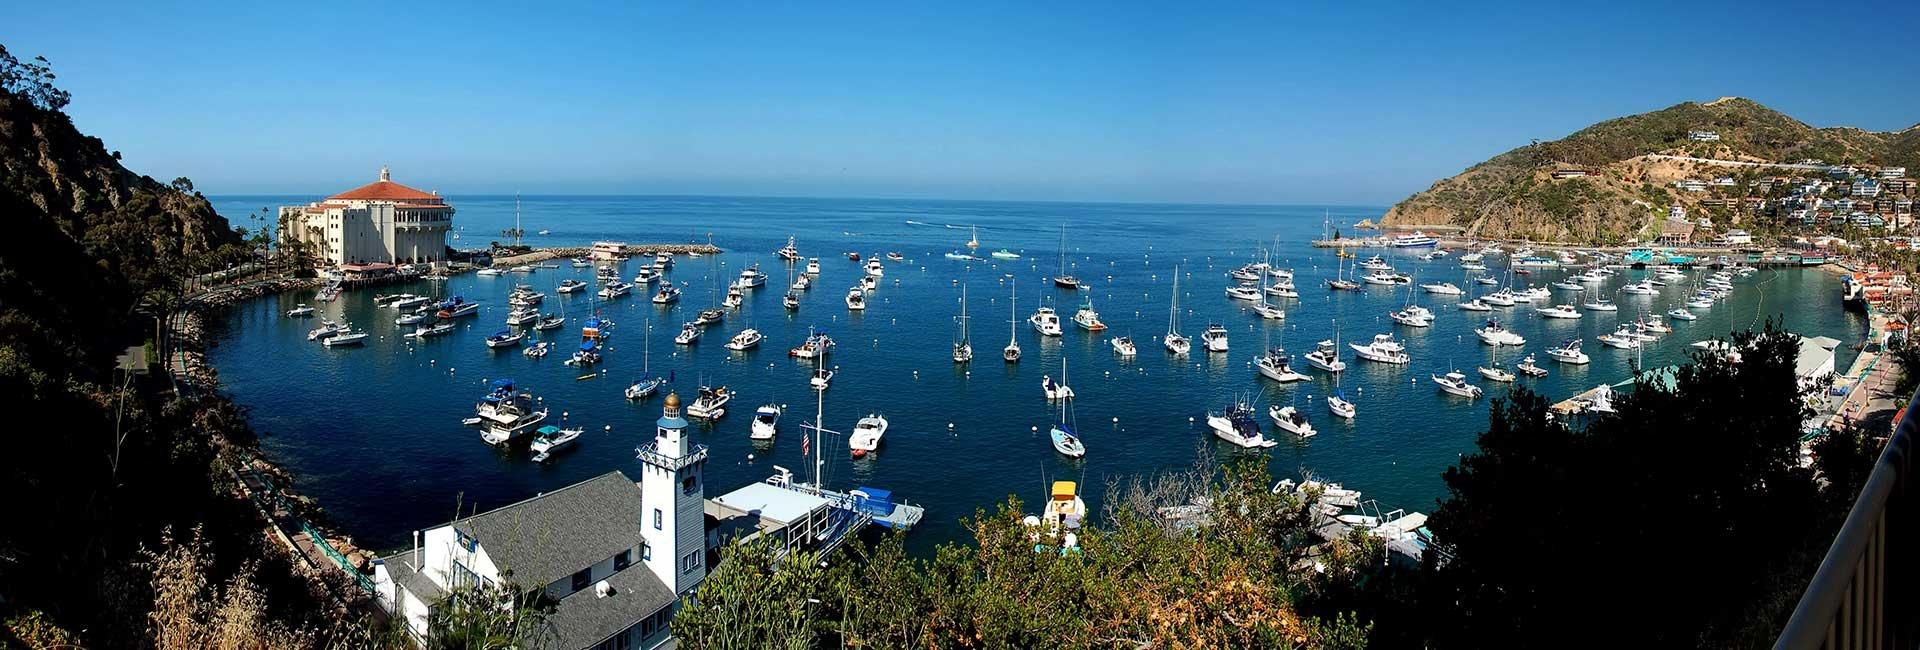 Boats at CATALINA ISLAND